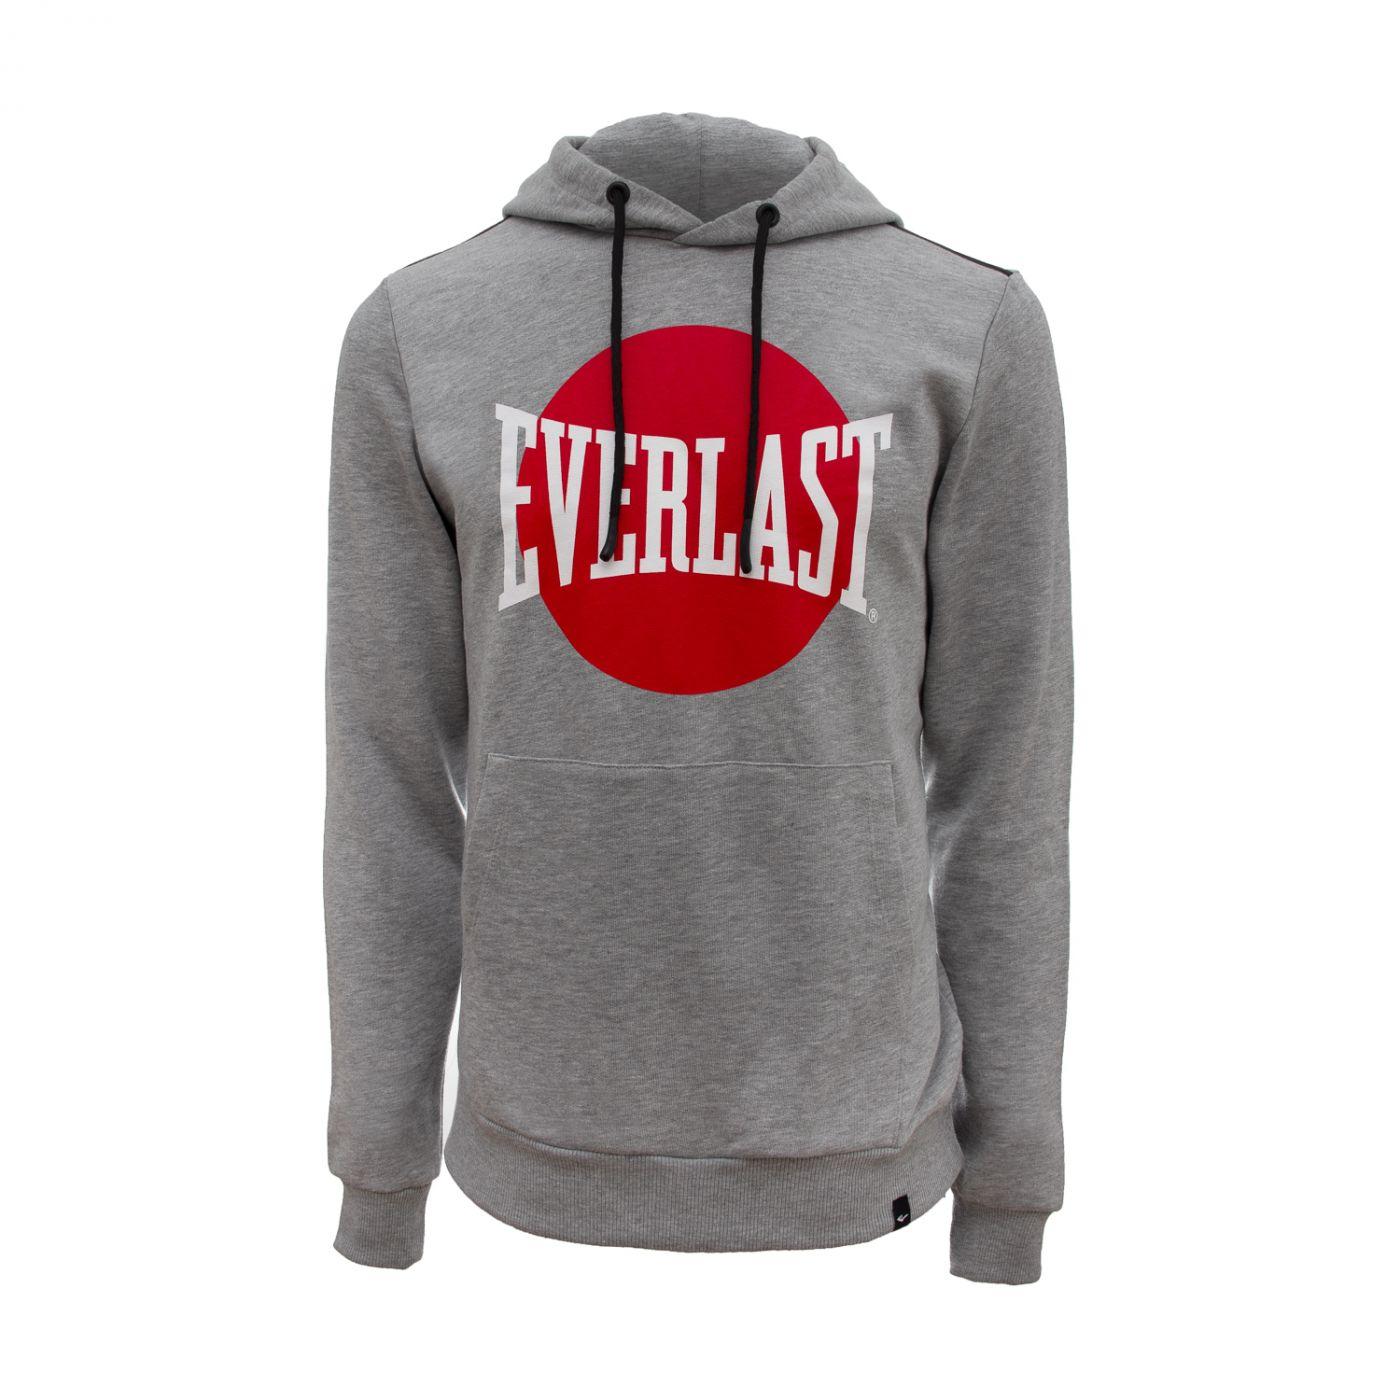 Толстовка Everlast с капюшоном Kobe, размер L, серая, артикул 789351-60 L GR